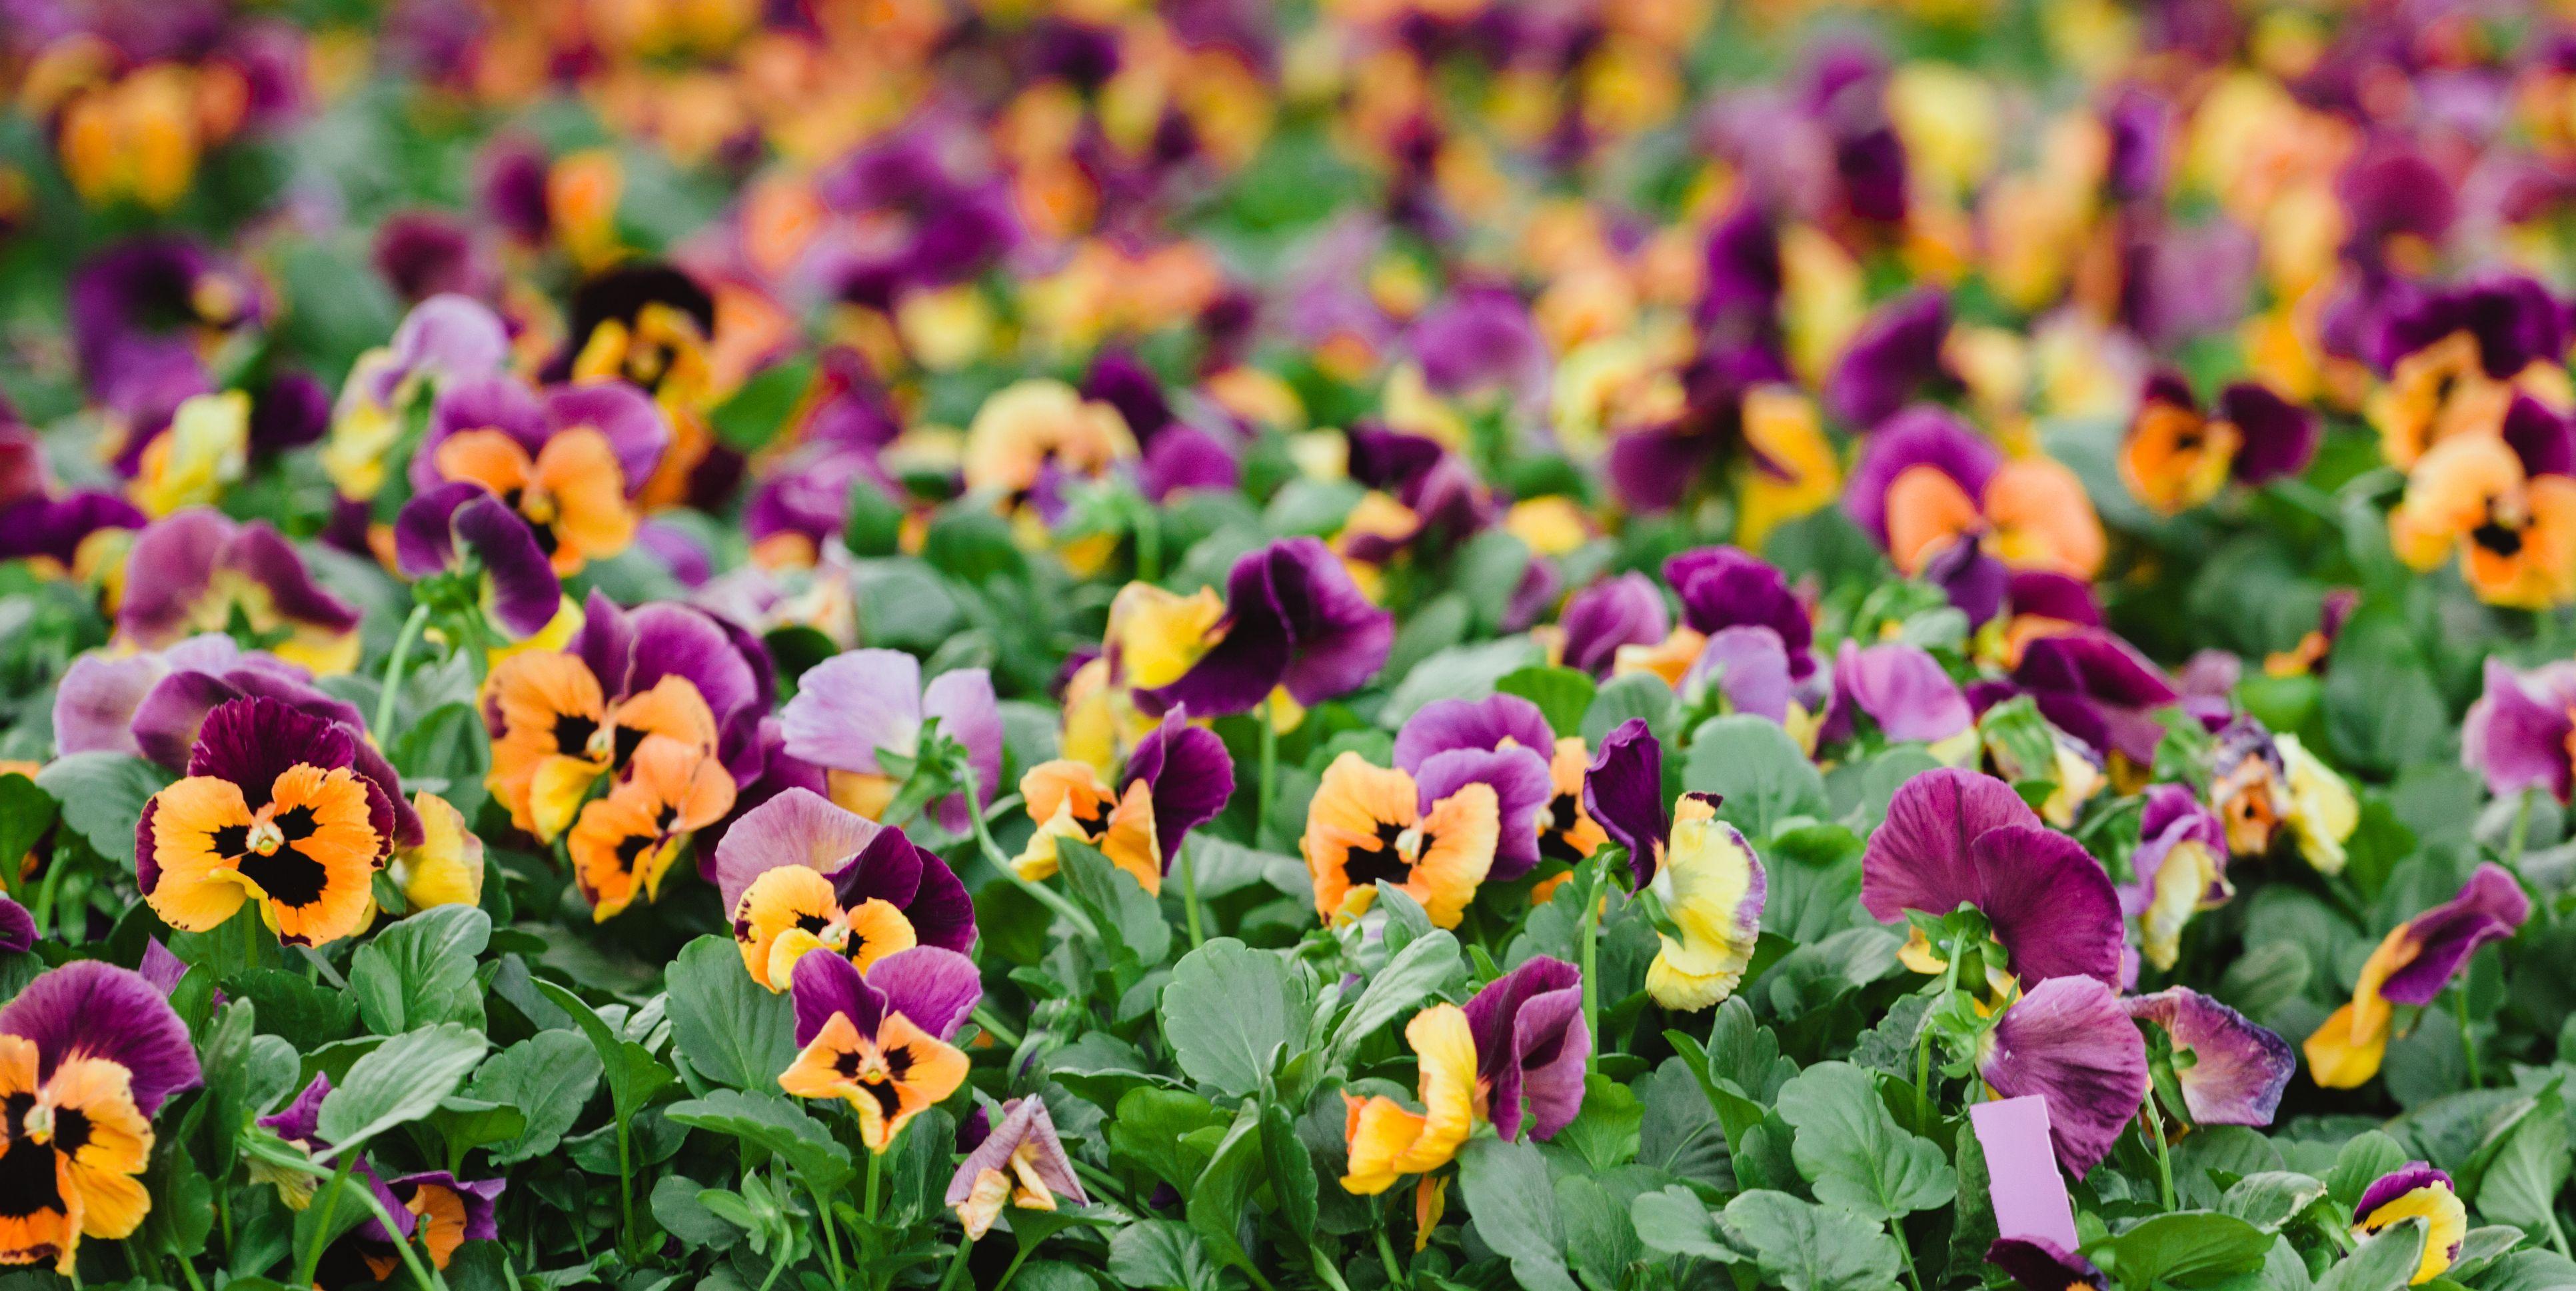 Pansies flower in a plant nursery